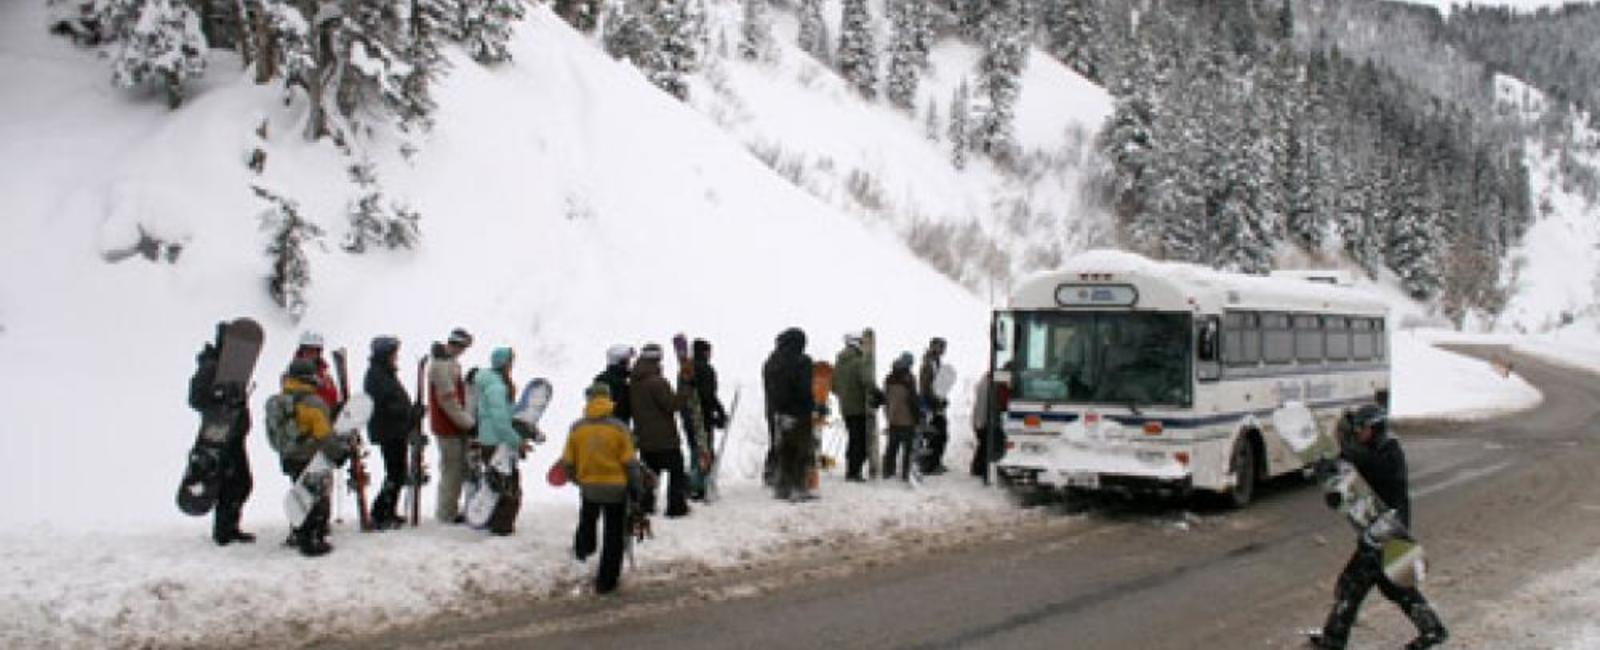 We did it! PowderTwins ski all 14 Utah Resorts